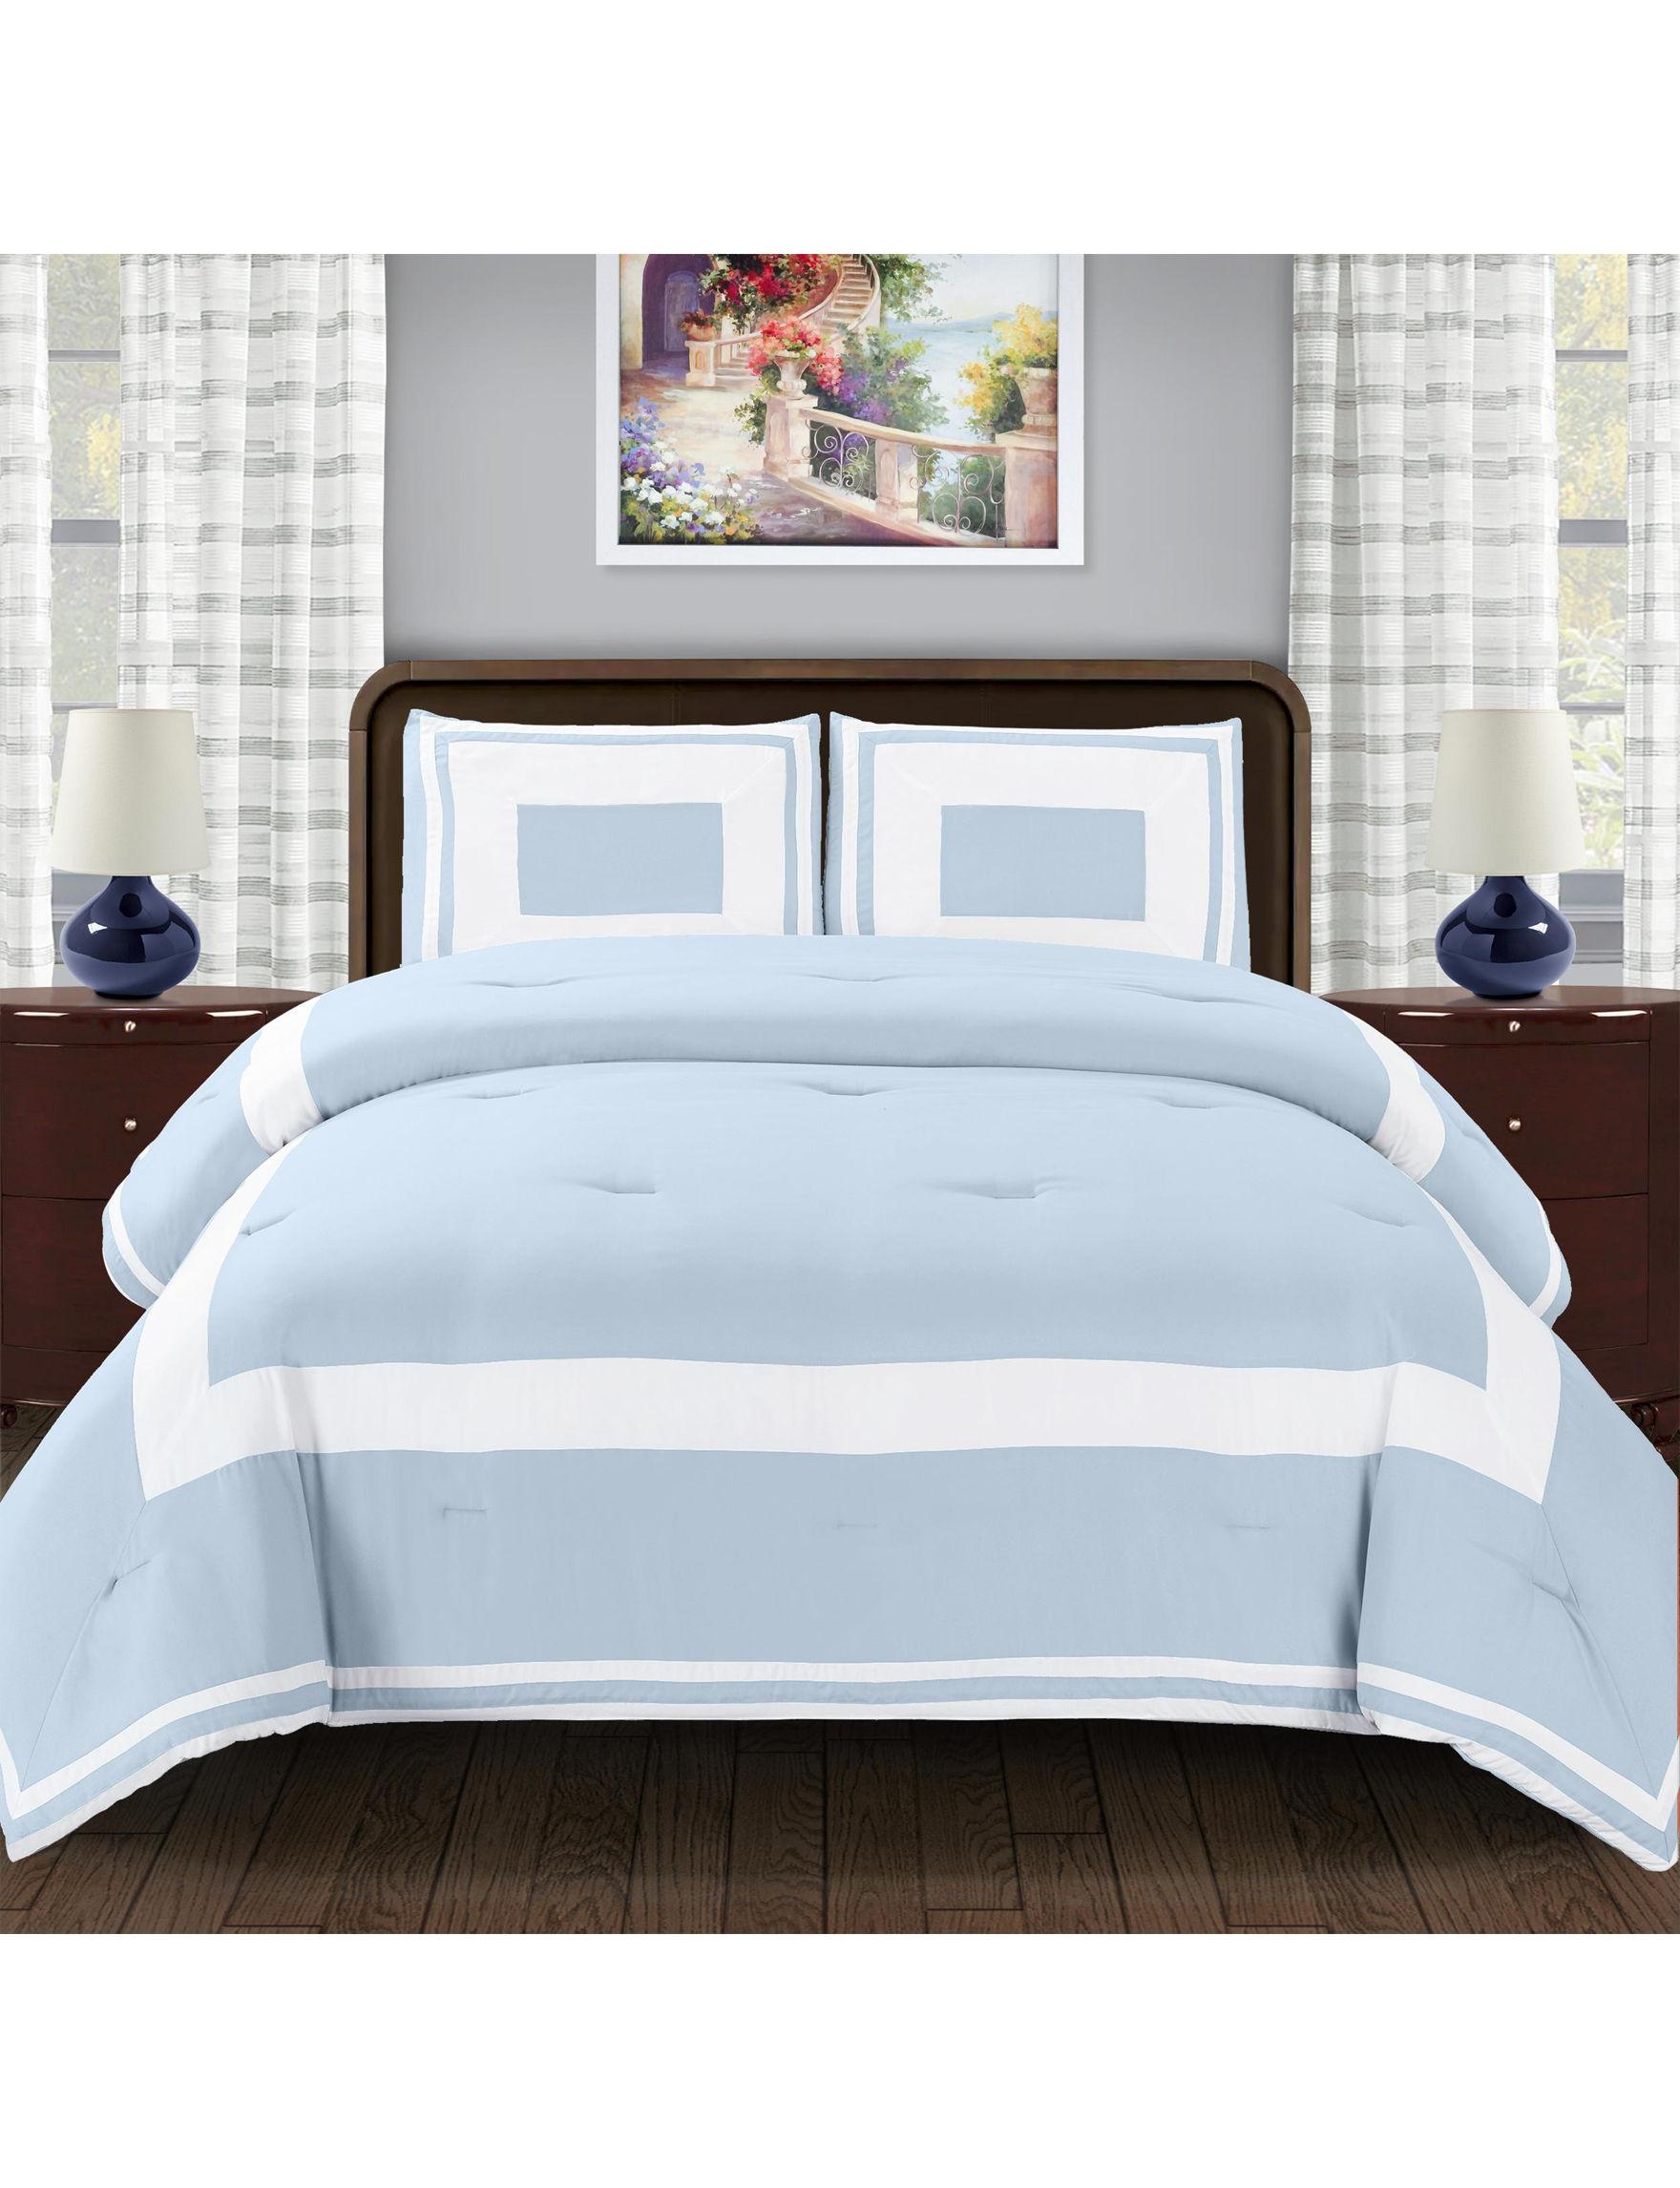 Superior Light Blue Comforters & Comforter Sets